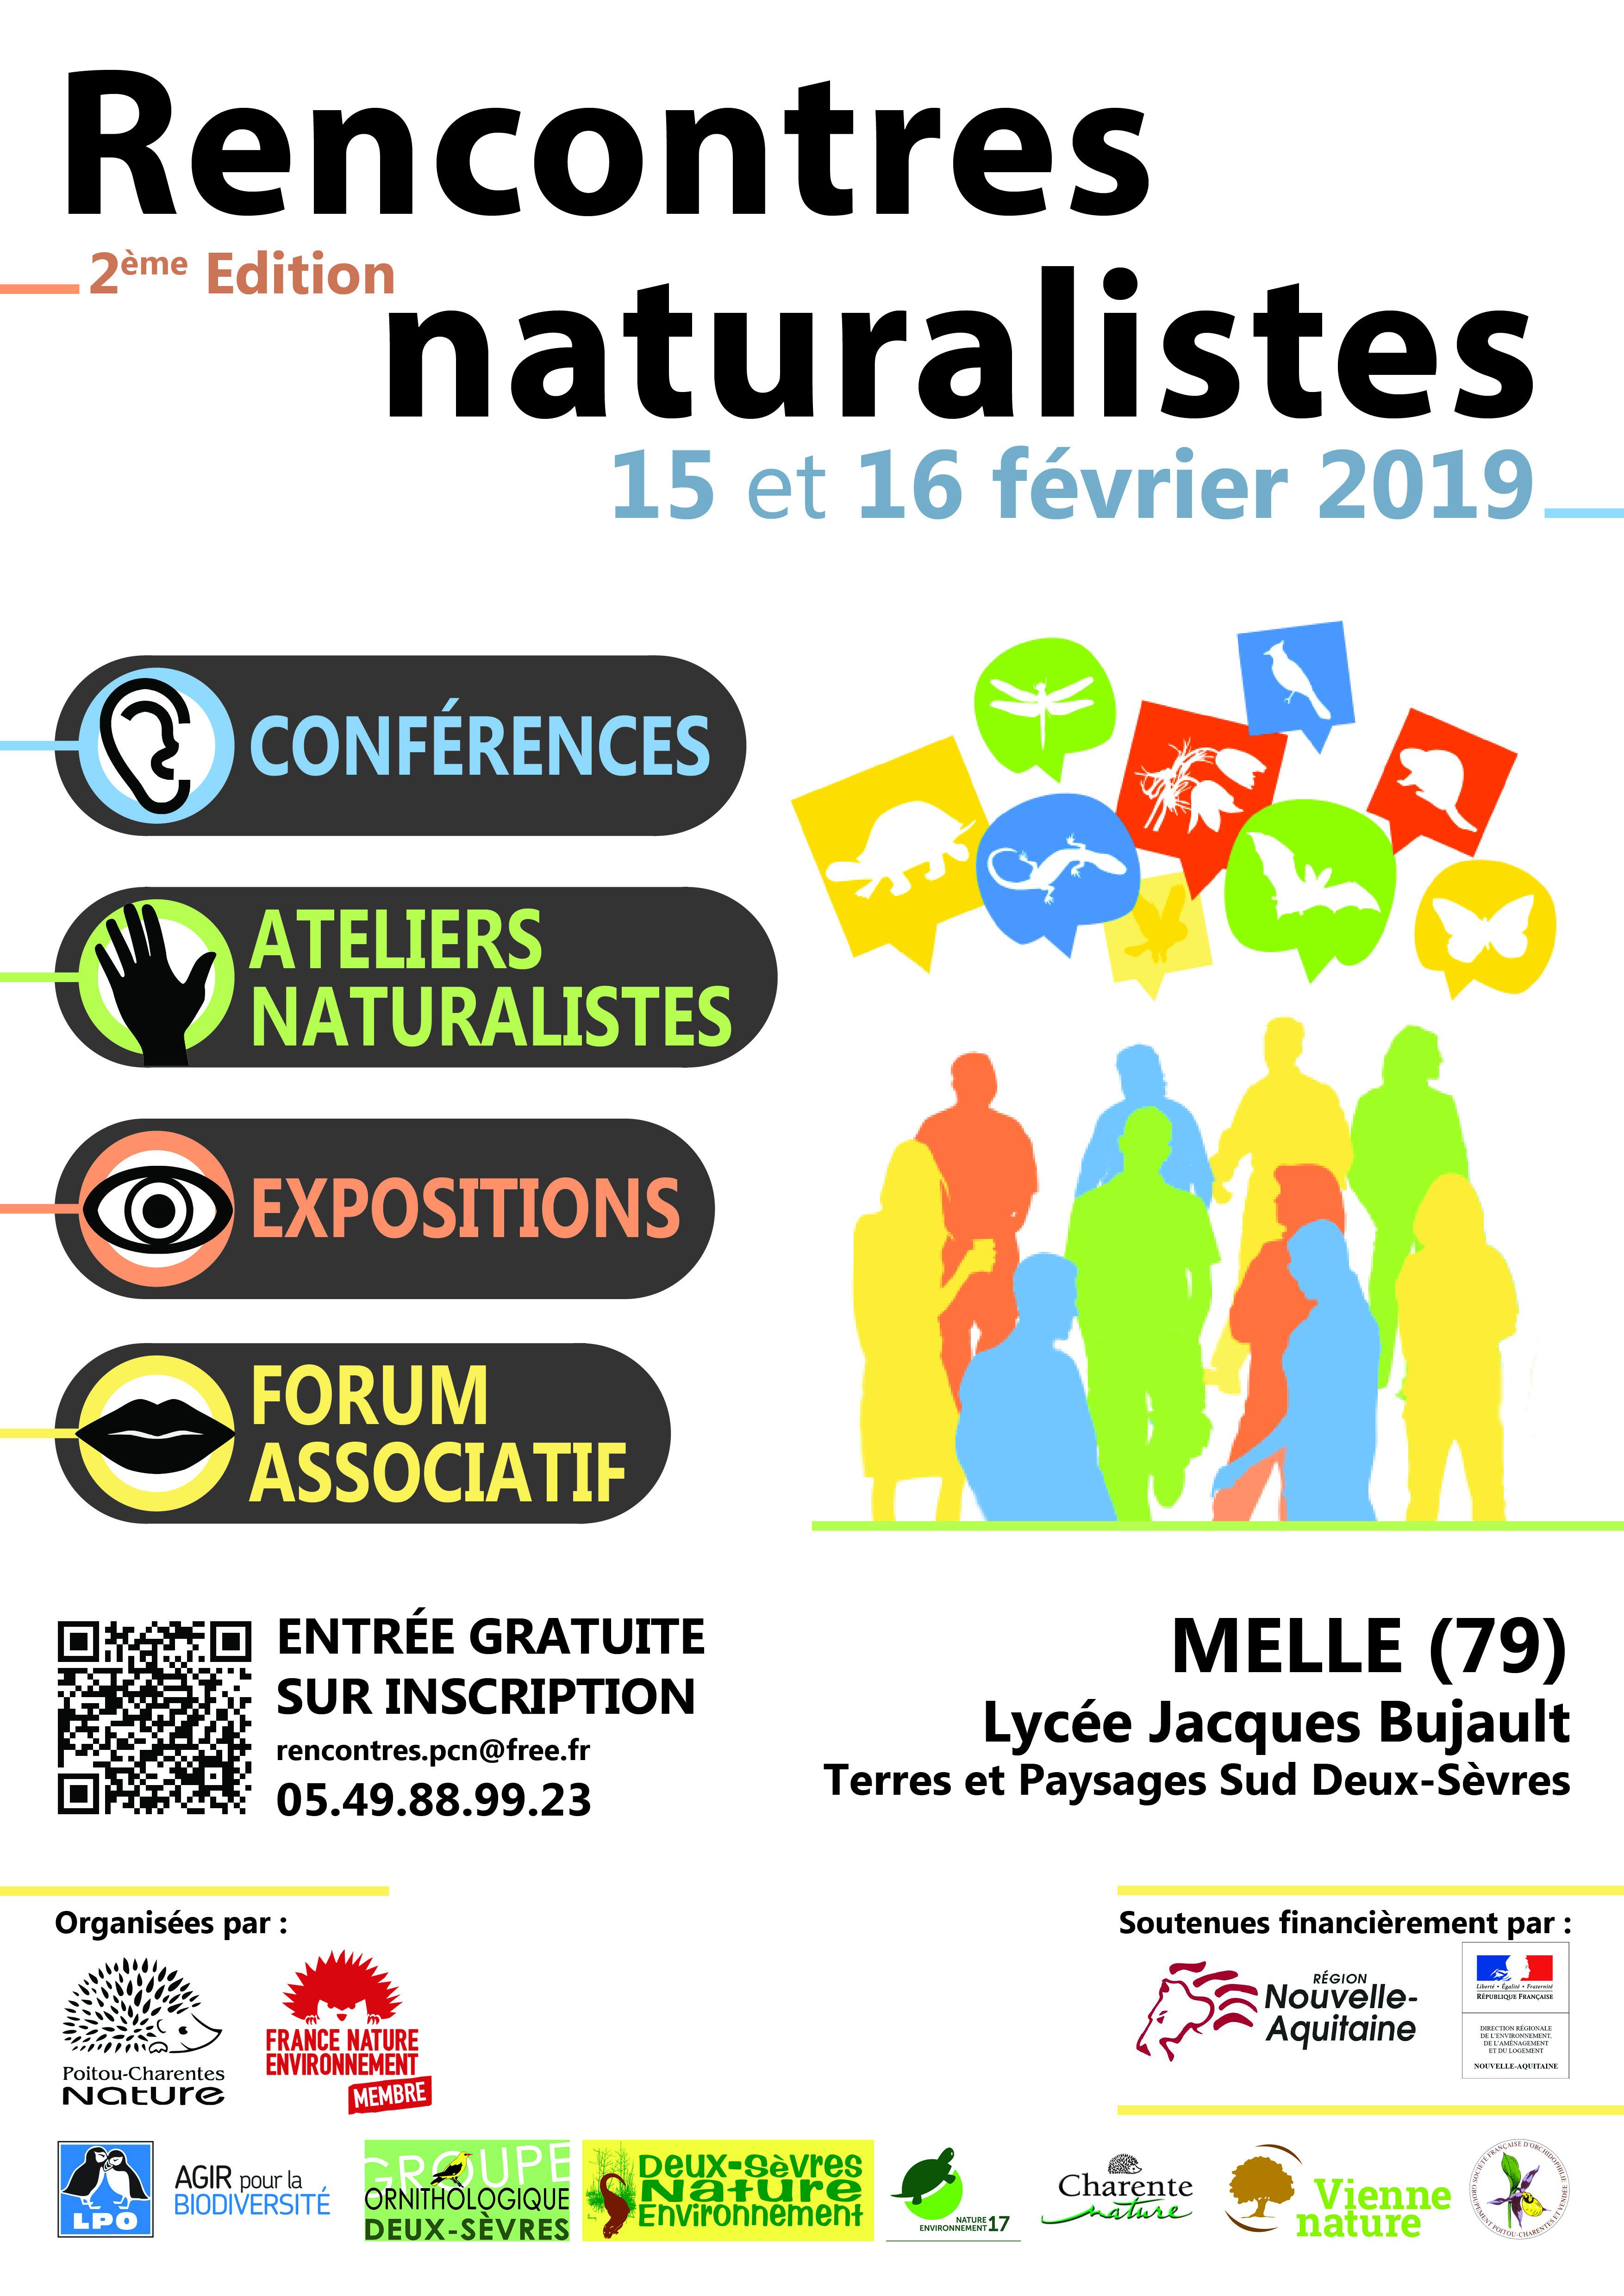 2e Rencontre naturaliste régionale